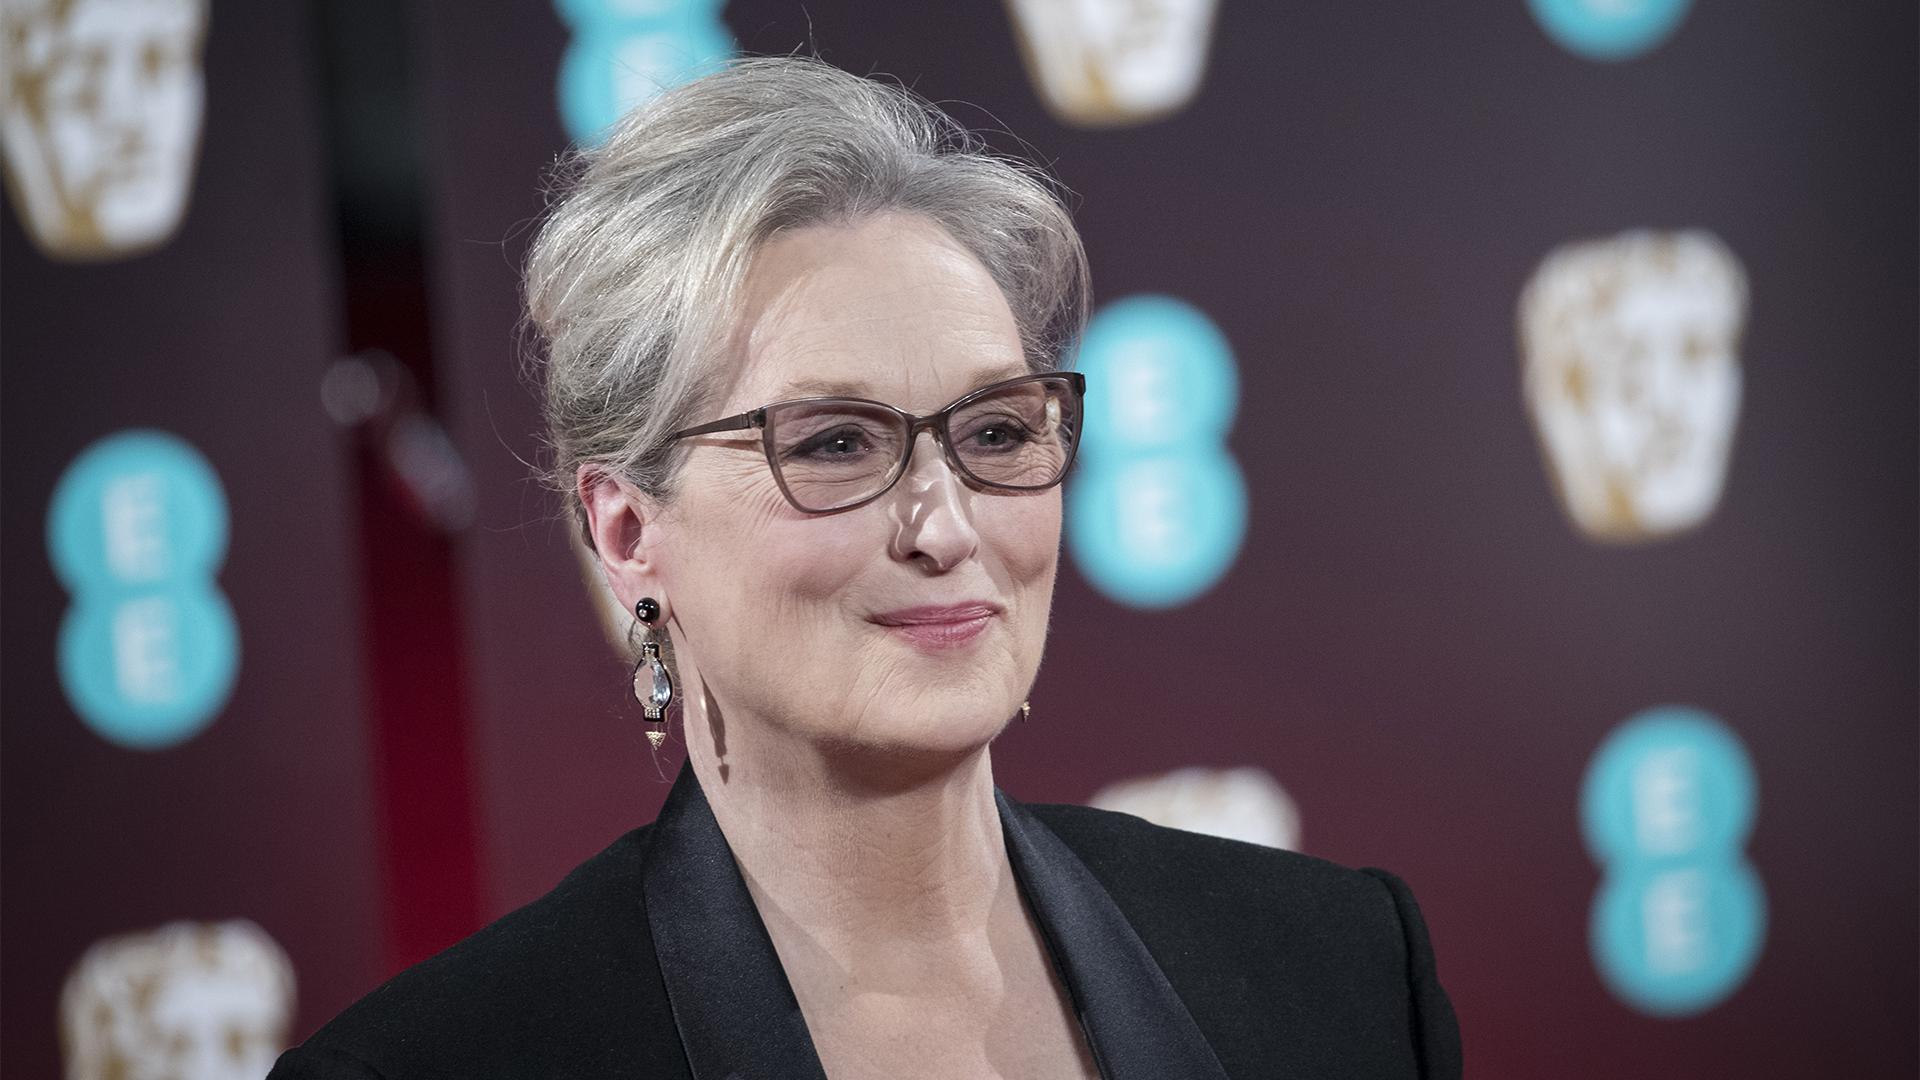 Két New York-i művész köztéri meglepetéssel köszöntötte Meryl Streepet a születésnapján